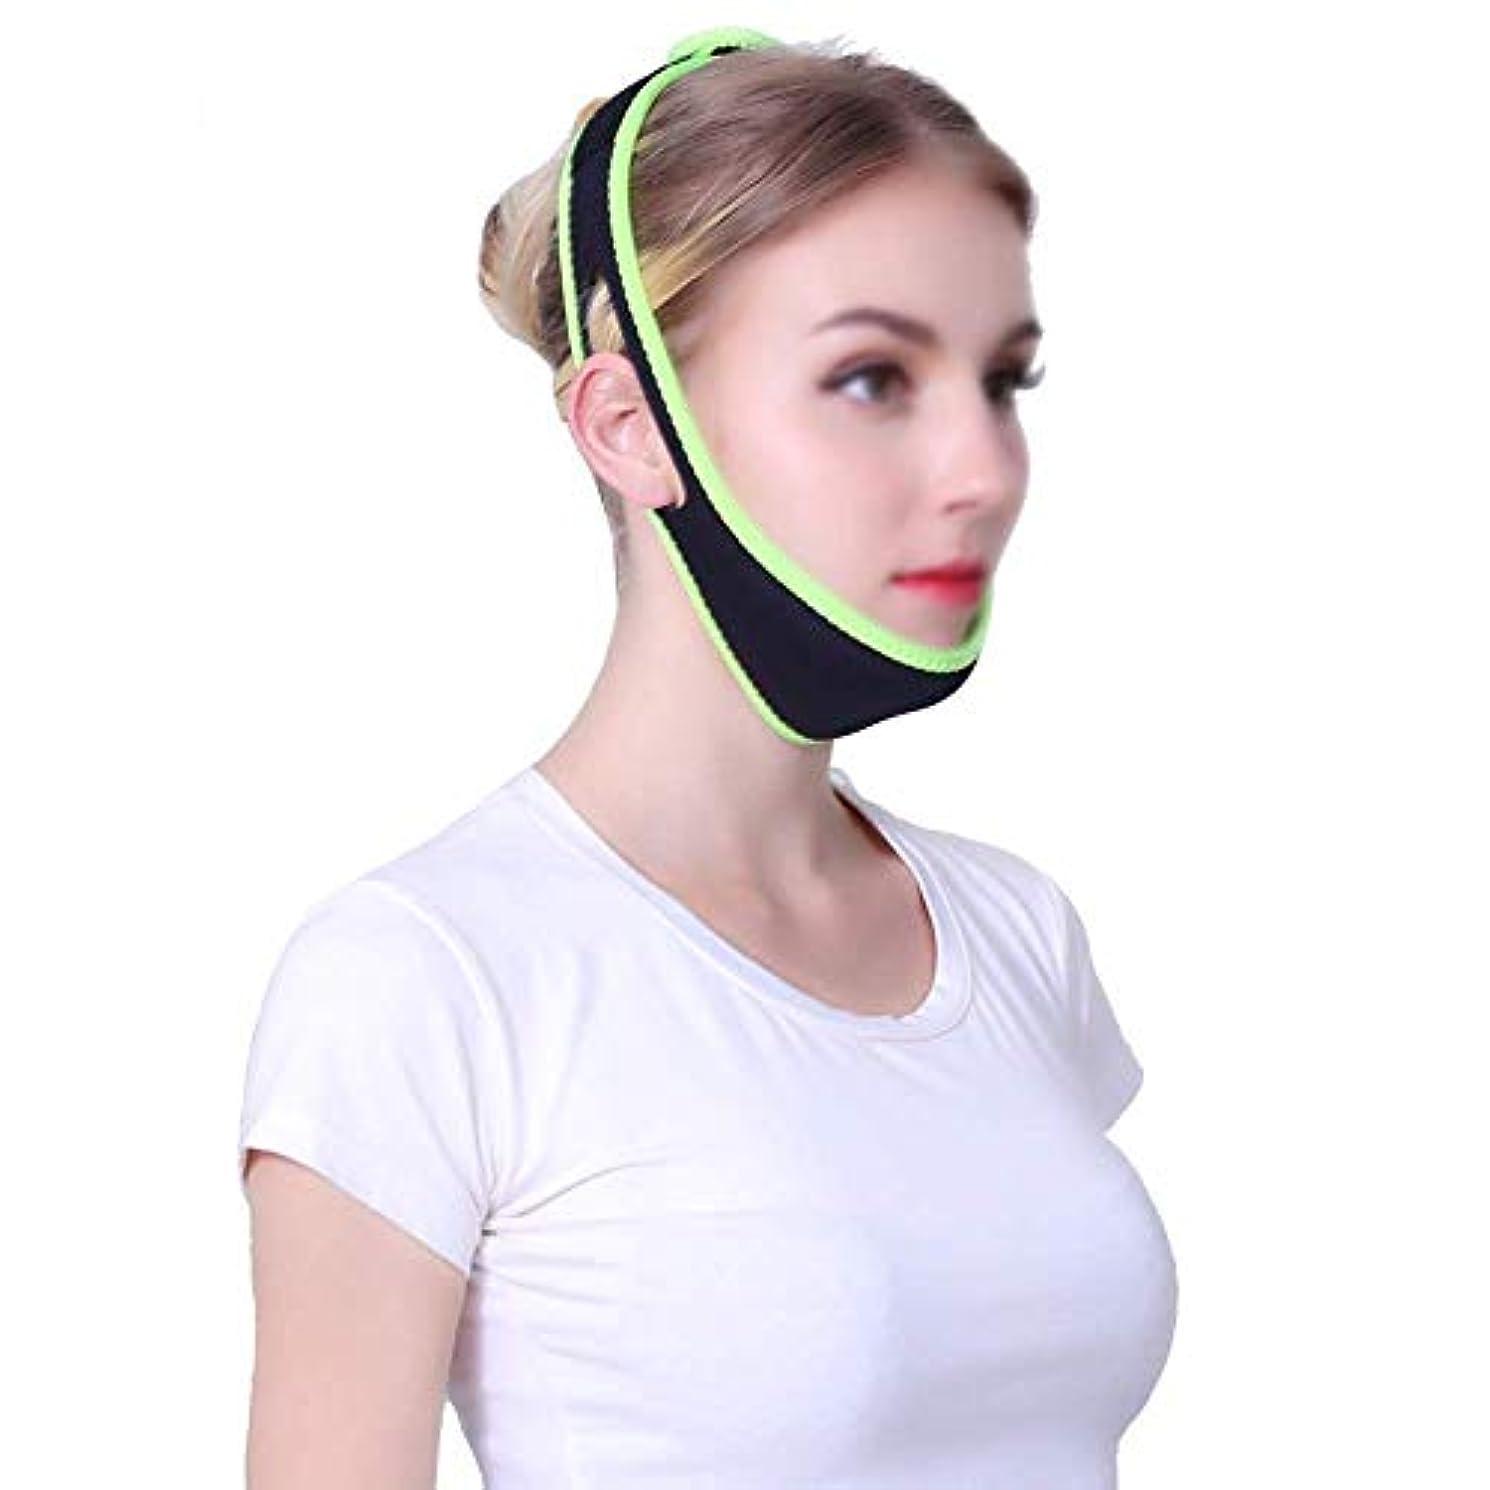 革命生きているドアミラー引き締めフェイスマスク、小さなVフェイスアーティファクト睡眠リフティングマスク付き薄型フェイスバンデージマスク引き締めクリームフェイスリフトフェイスメロンフェイス楽器